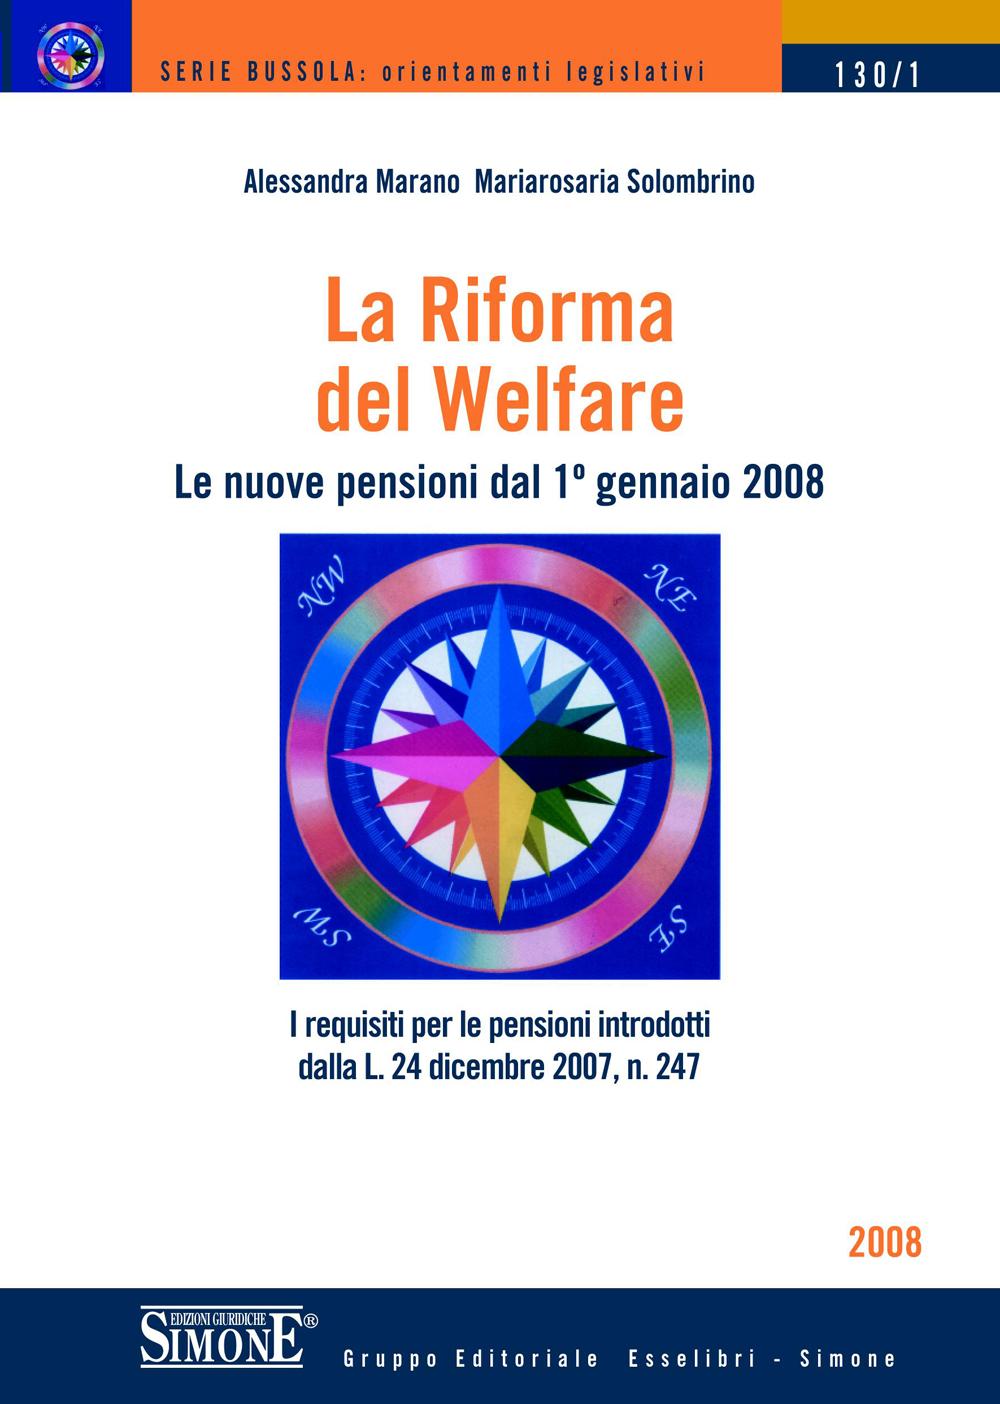 La Riforma del Welfare